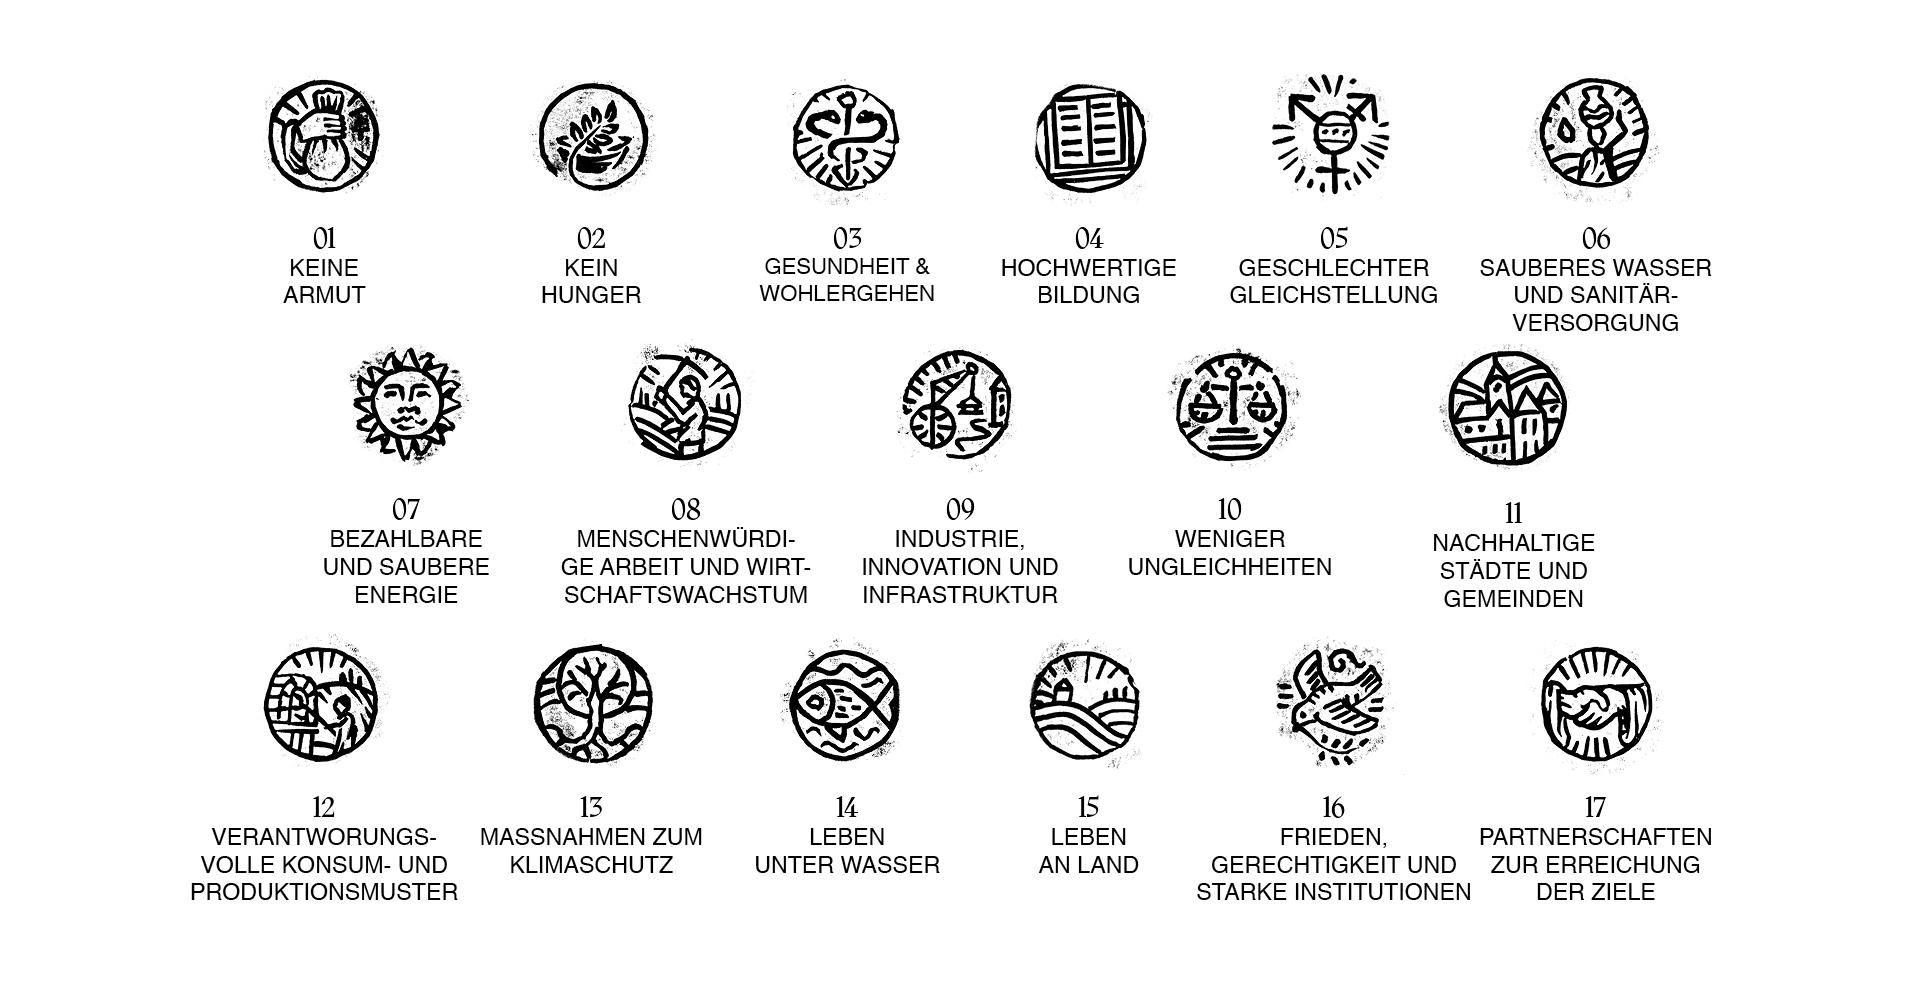 17 Ziele der UN